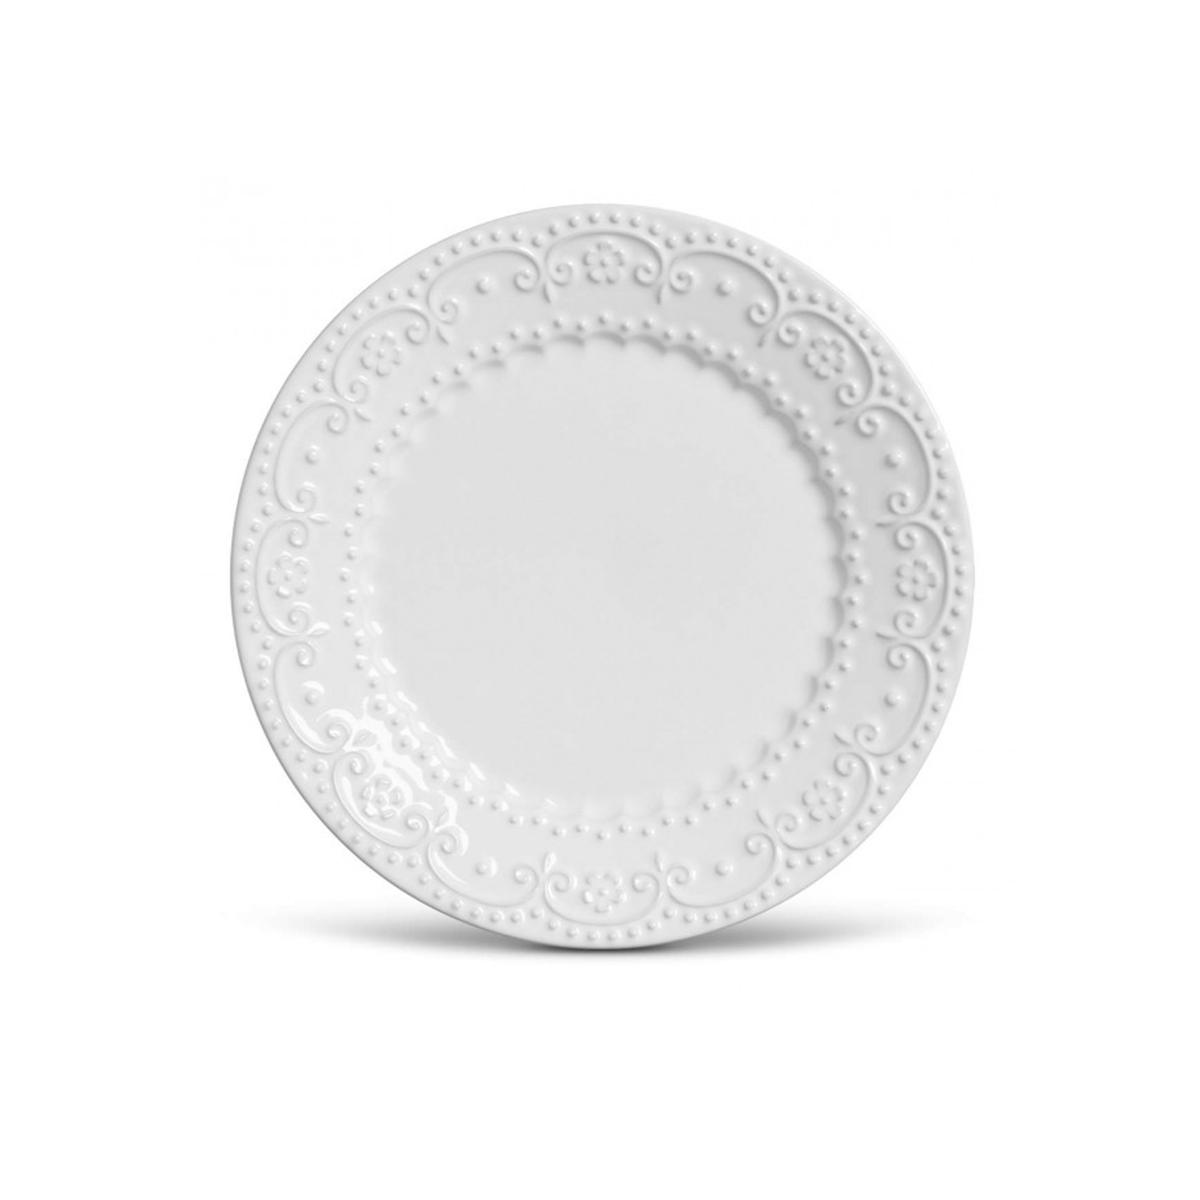 Prato Raso Esparta Branco